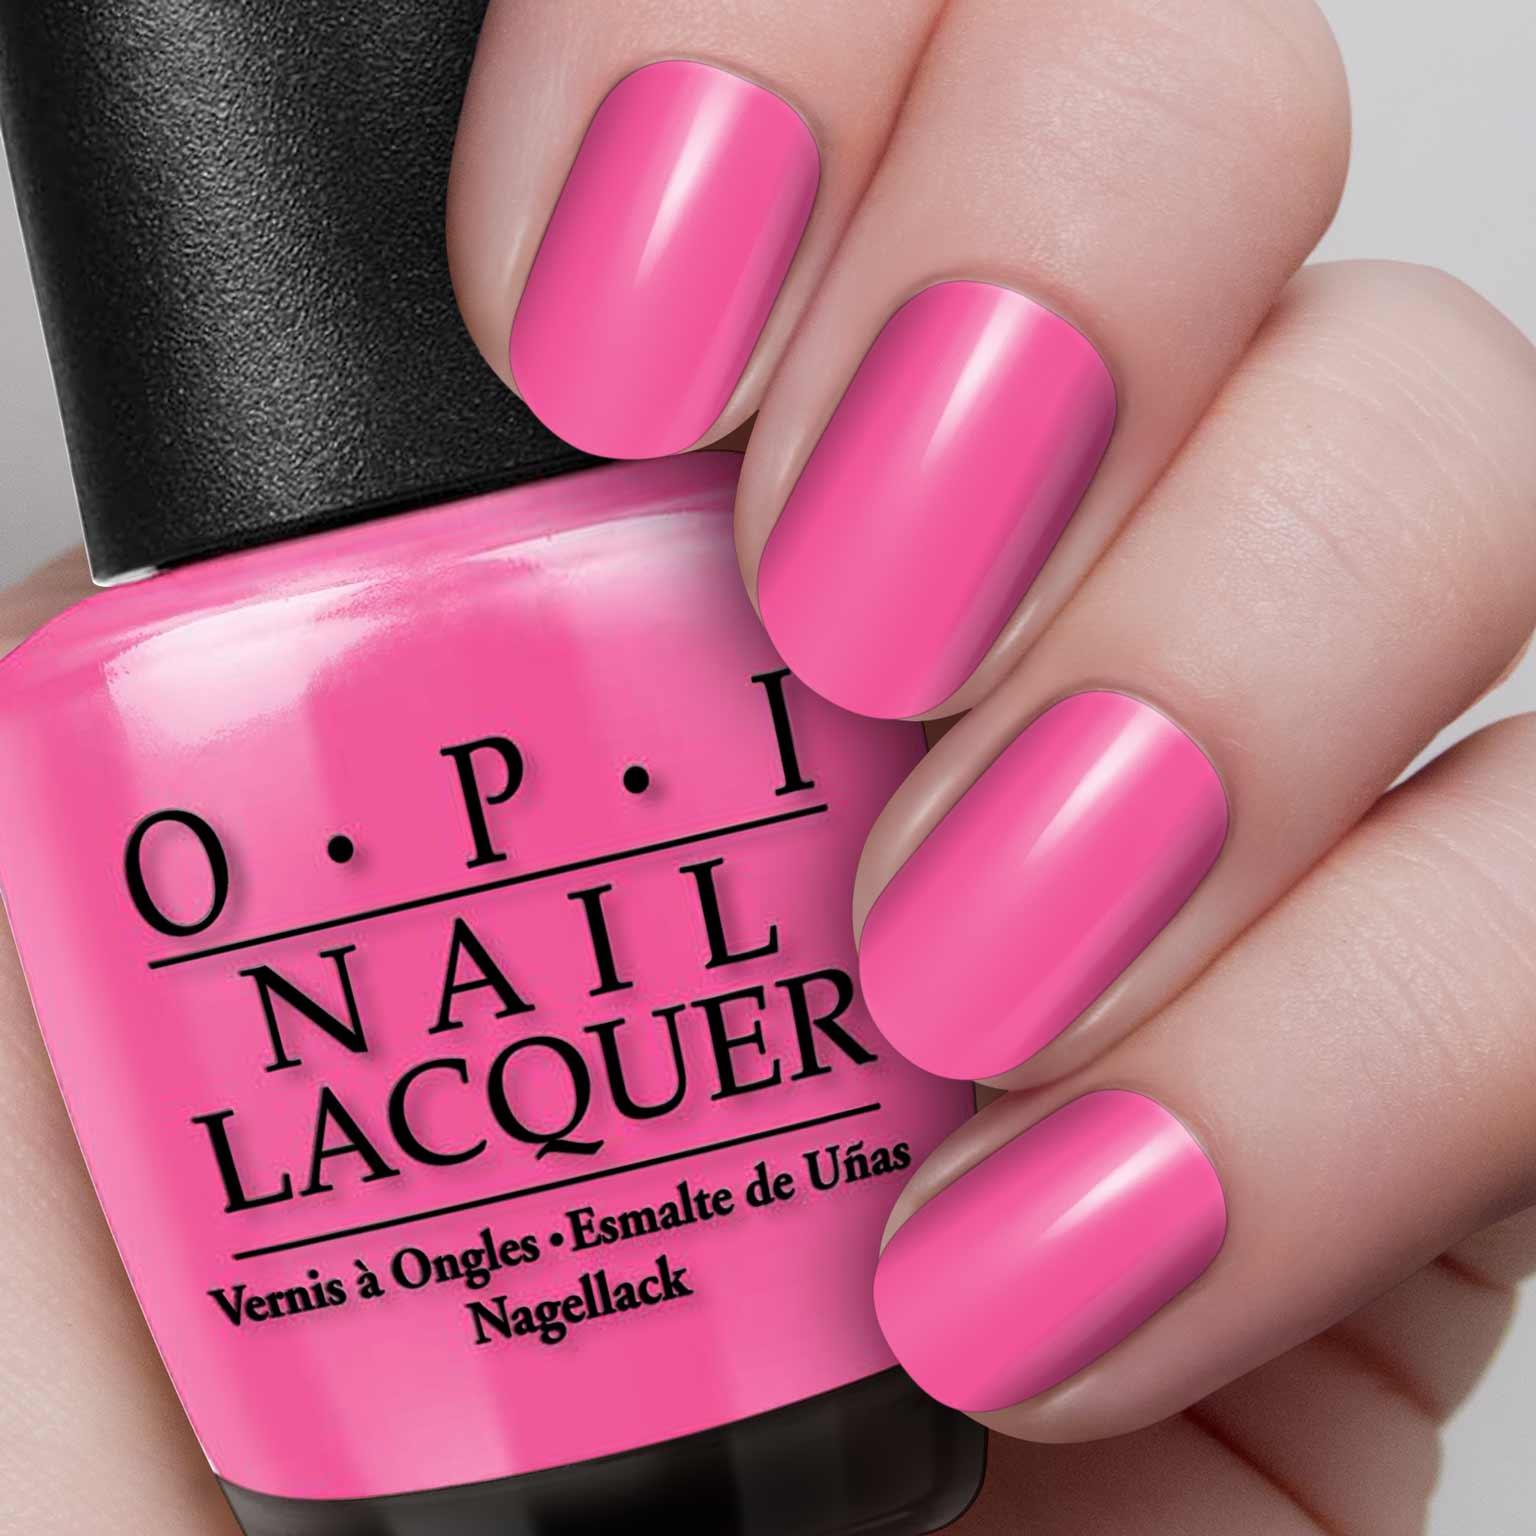 OPI Nail Polish – That\'s Hot! Pink – Hollywood Nails Supply UK